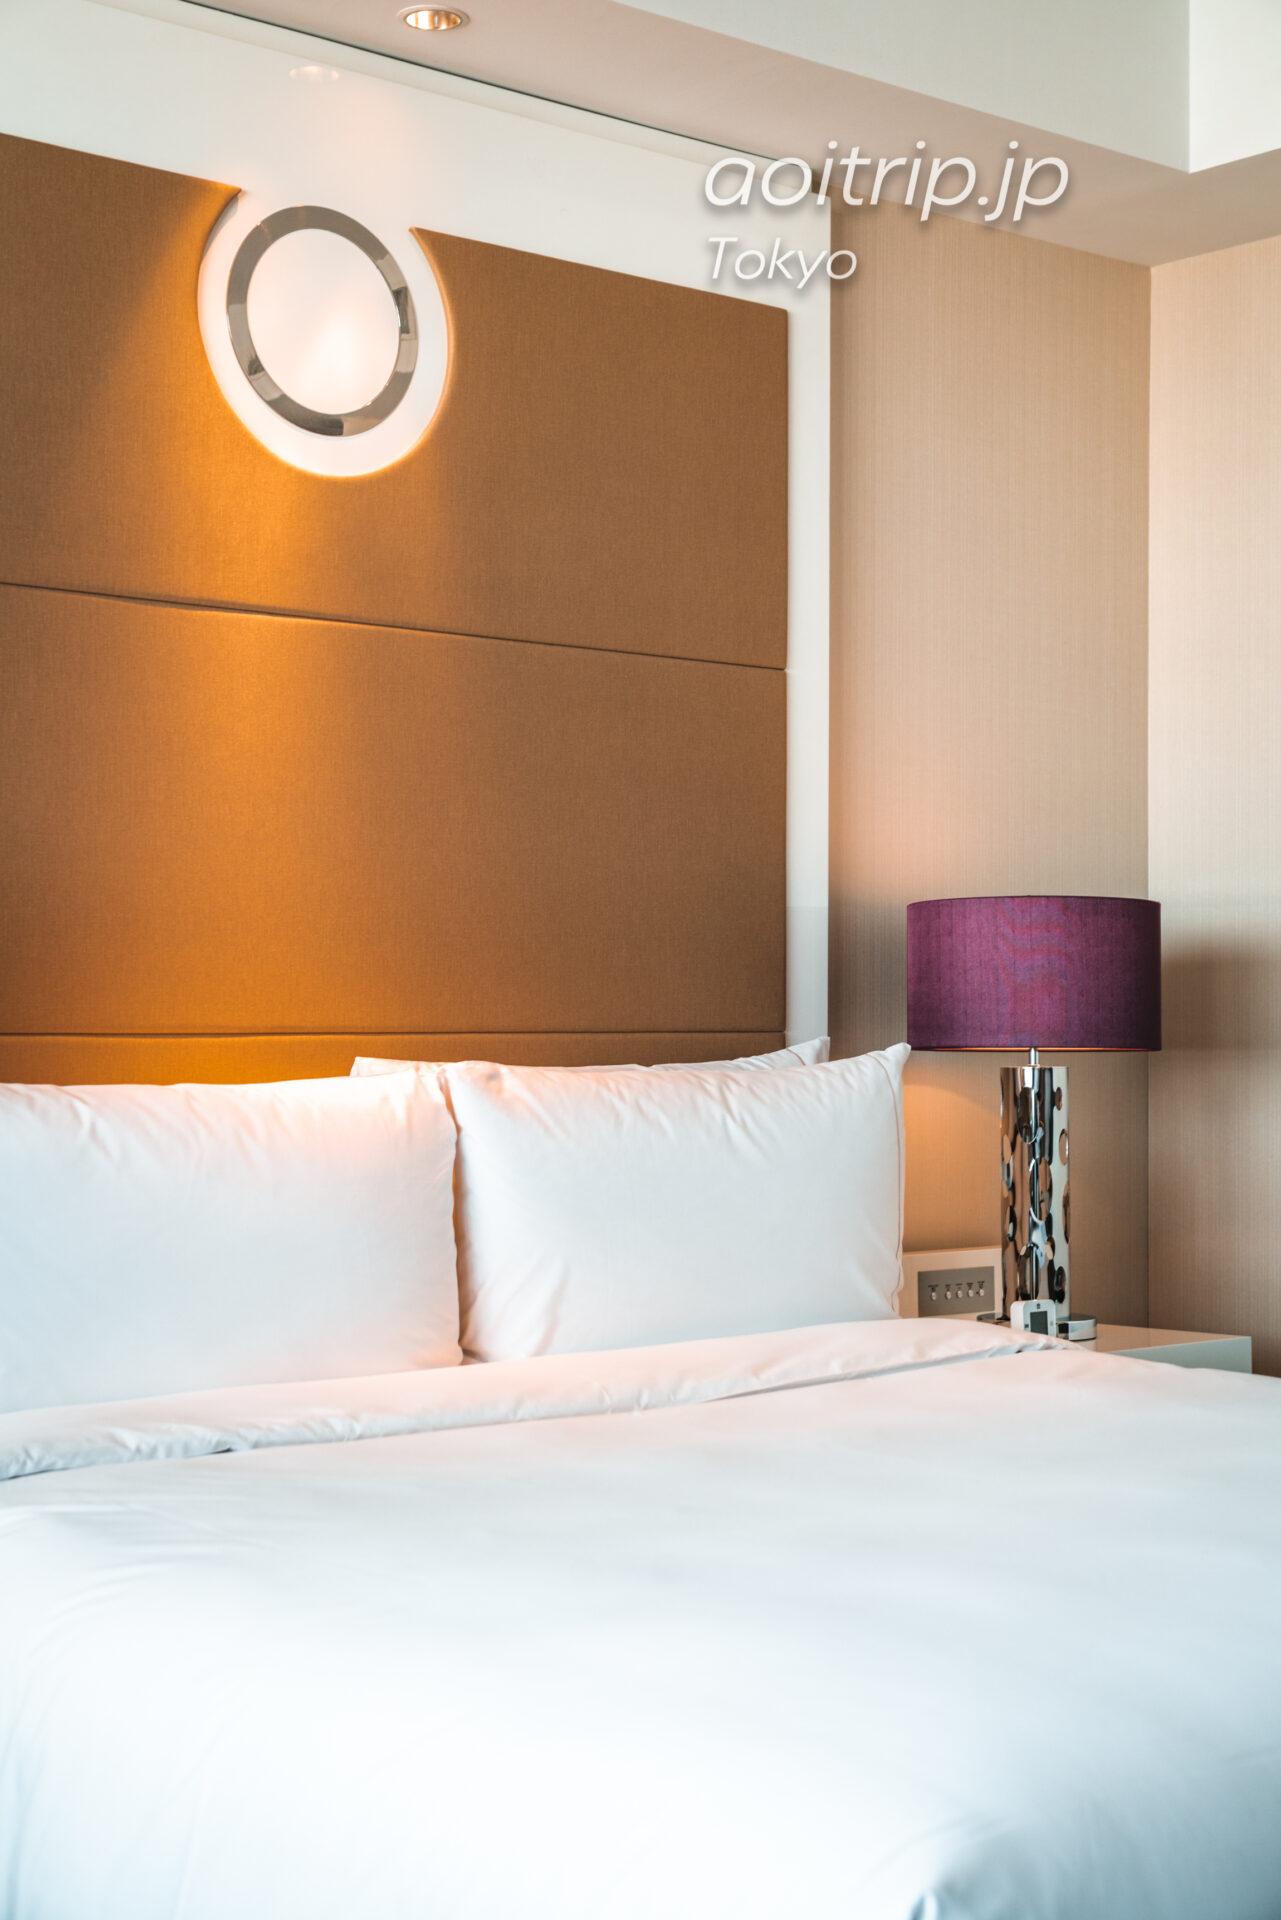 東京マリオットホテルの客室 エグゼクティブ デラックスキング Executive Deluxe Room